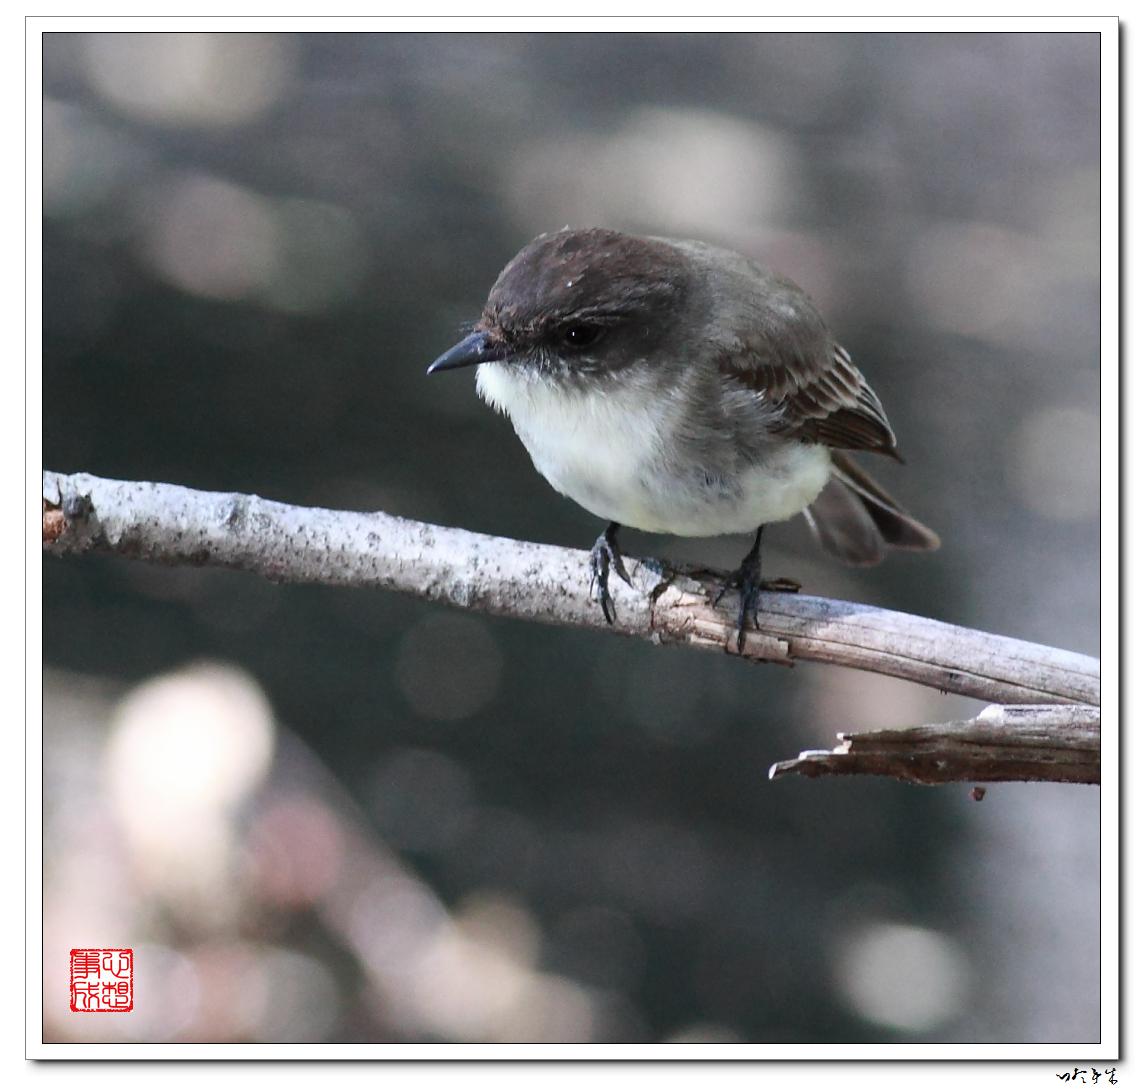 """【心想事成】""""我是一只小鸟""""_图1-9"""